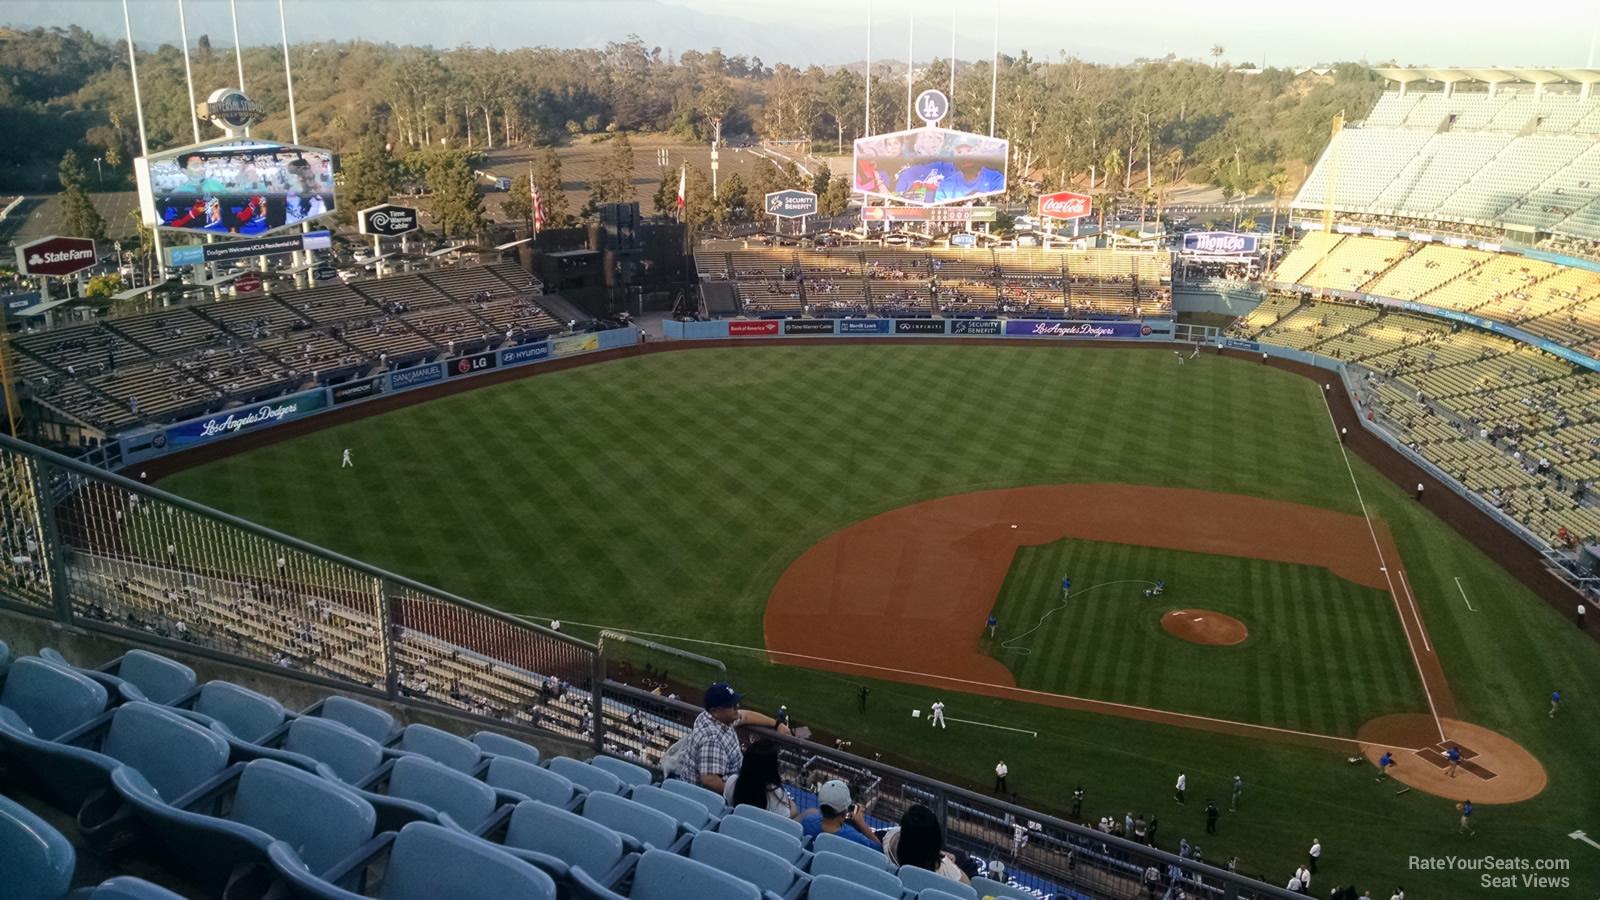 Dodger Stadium Top Deck 13 - RateYourSeats.com